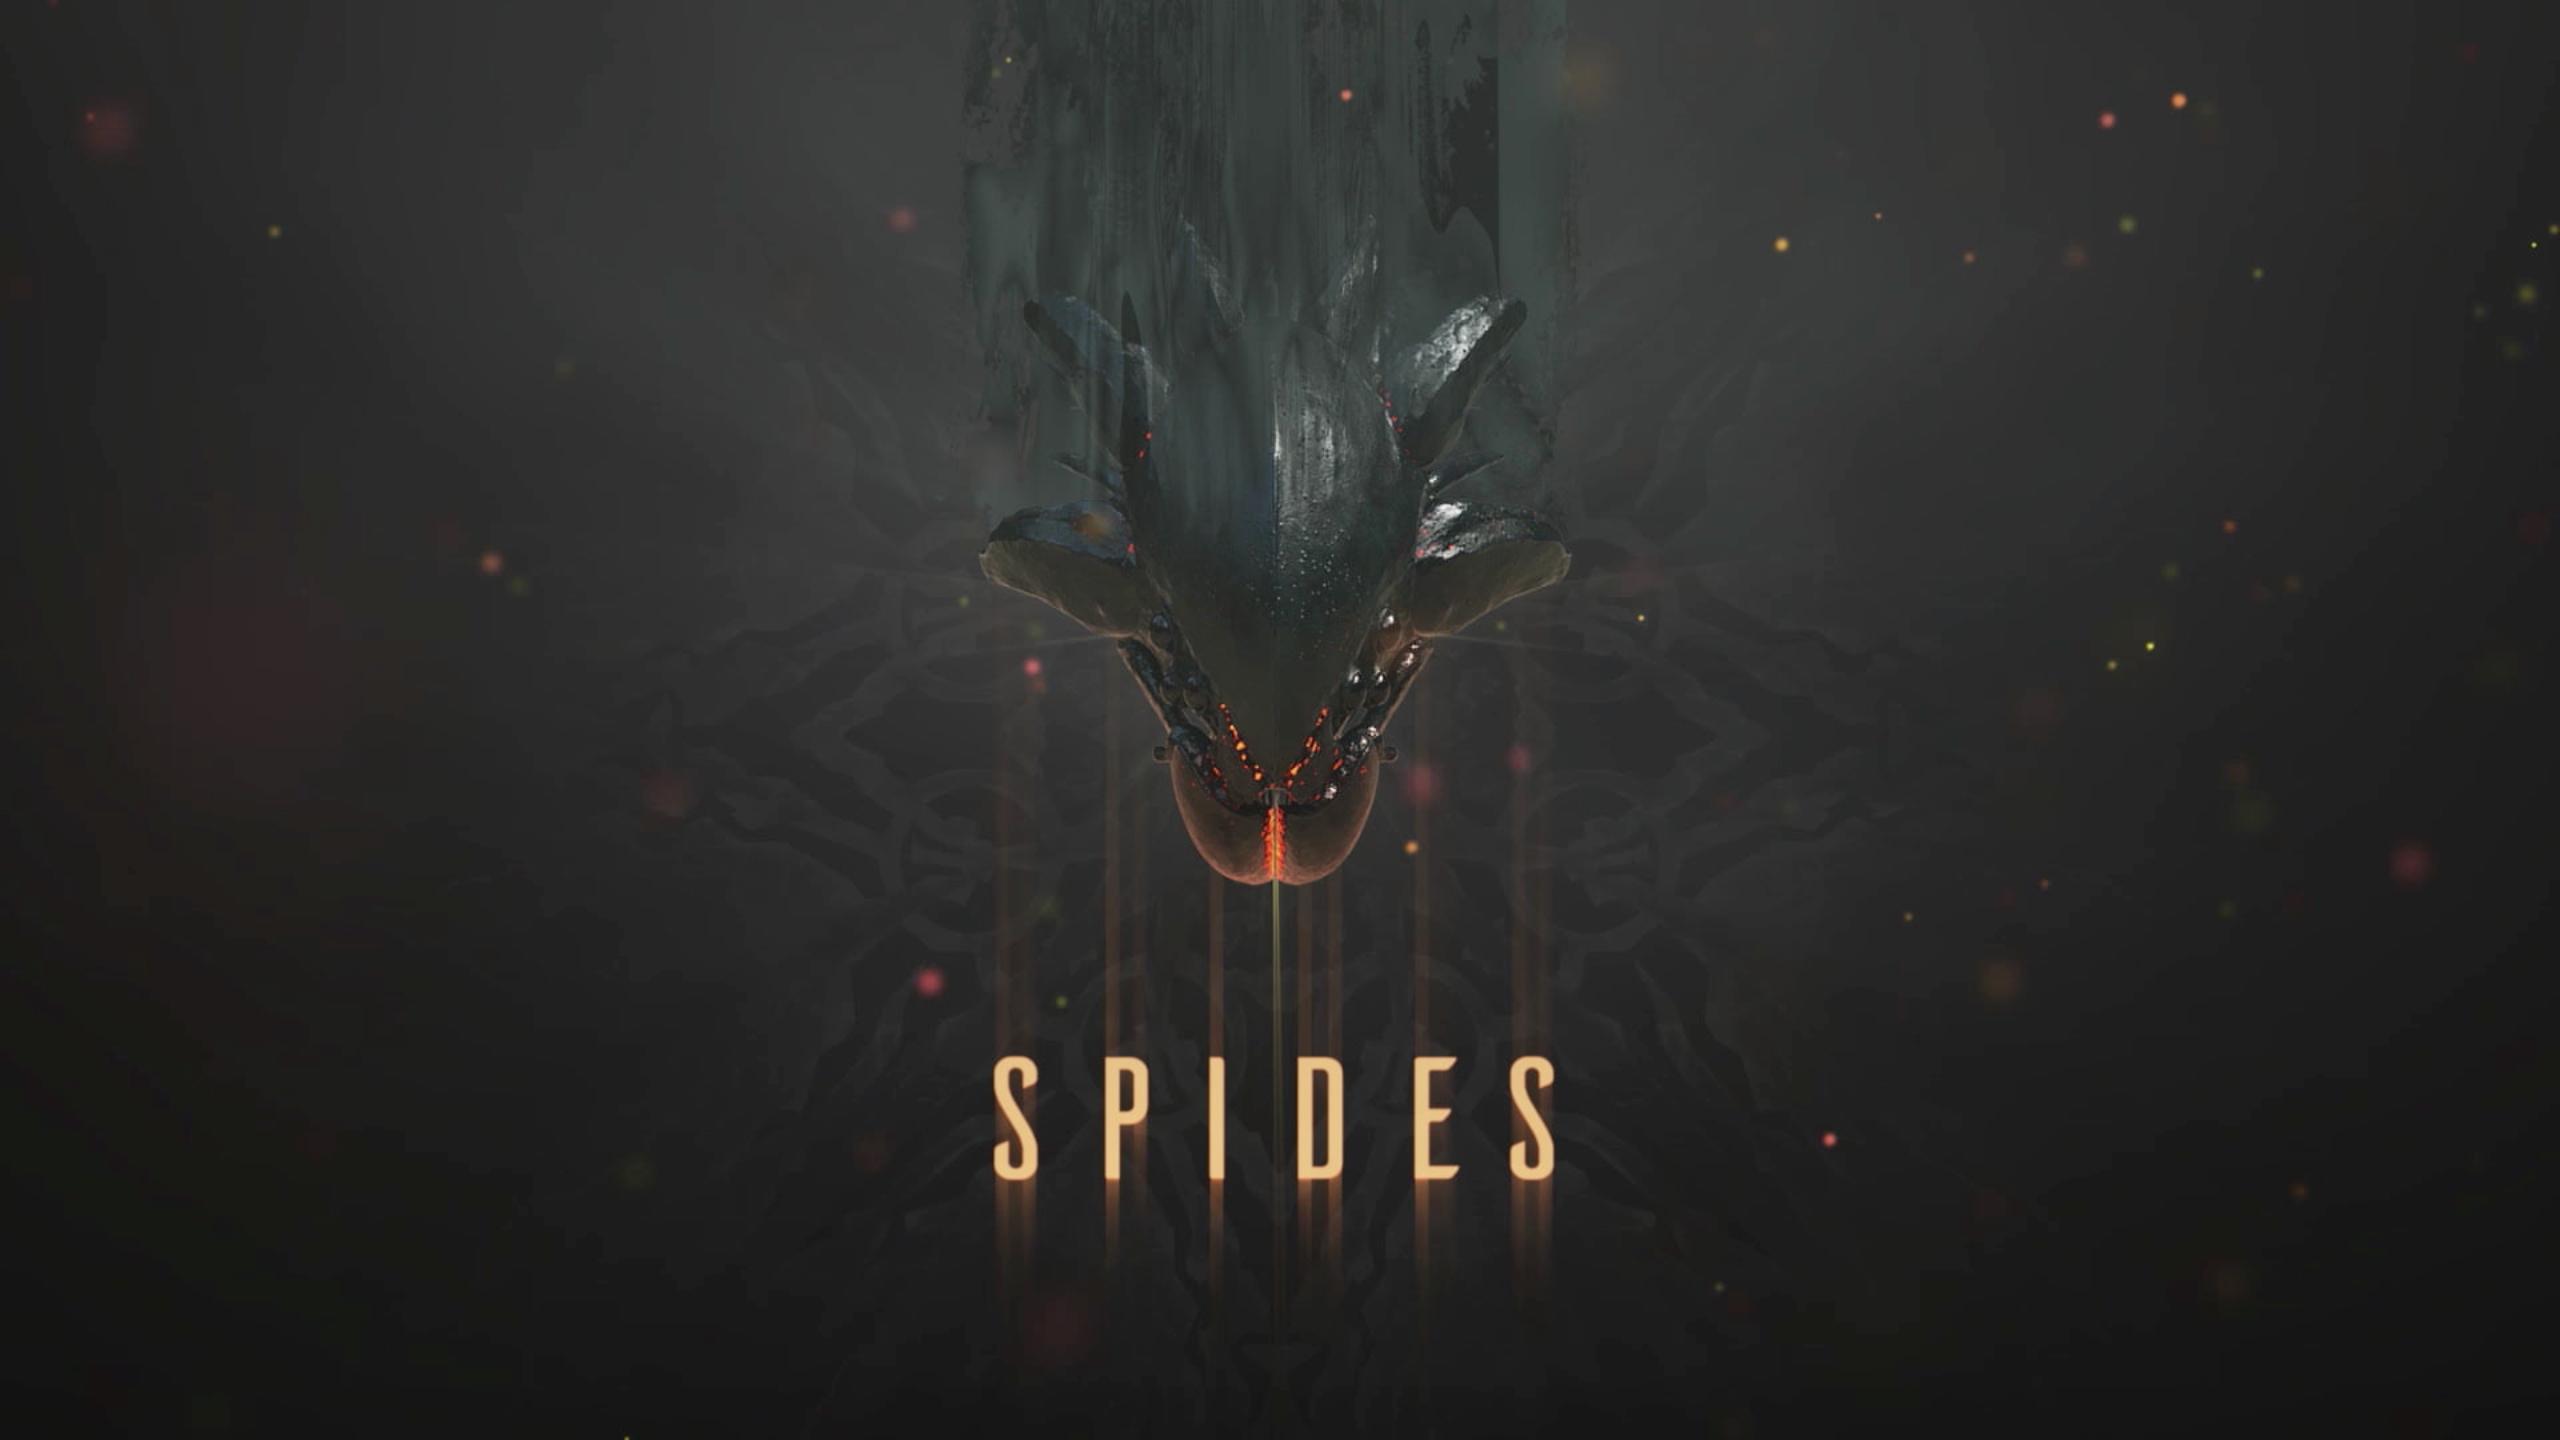 Spides_Creature_Logo